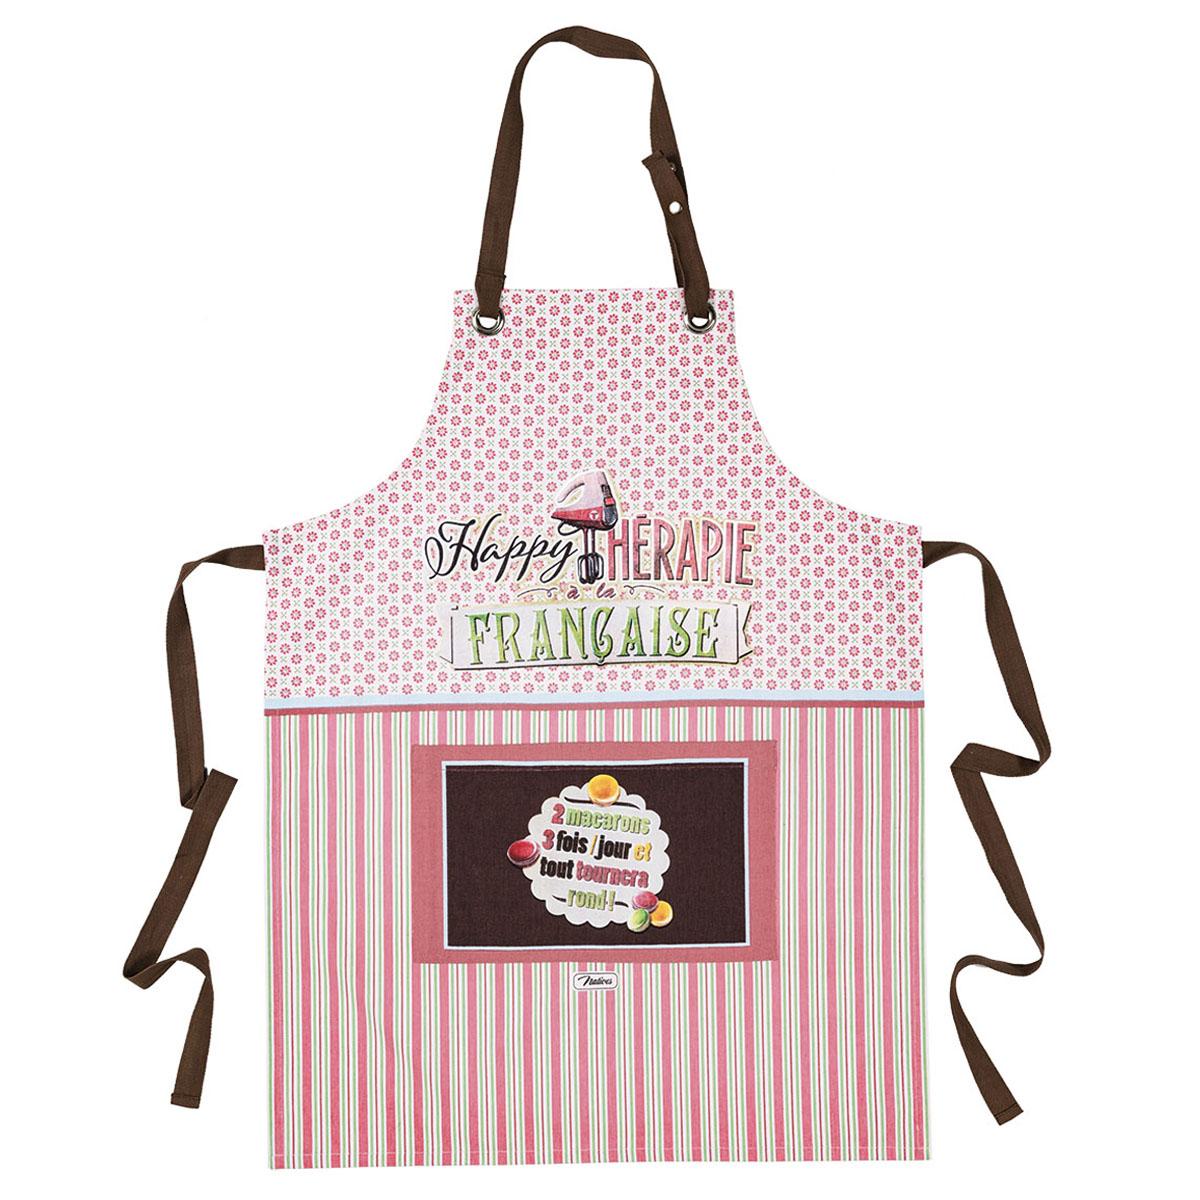 Tablier coton \'French Vintage\' (Happy thérapie à la Française - macarons) - 80x57 cm - [Q6982]